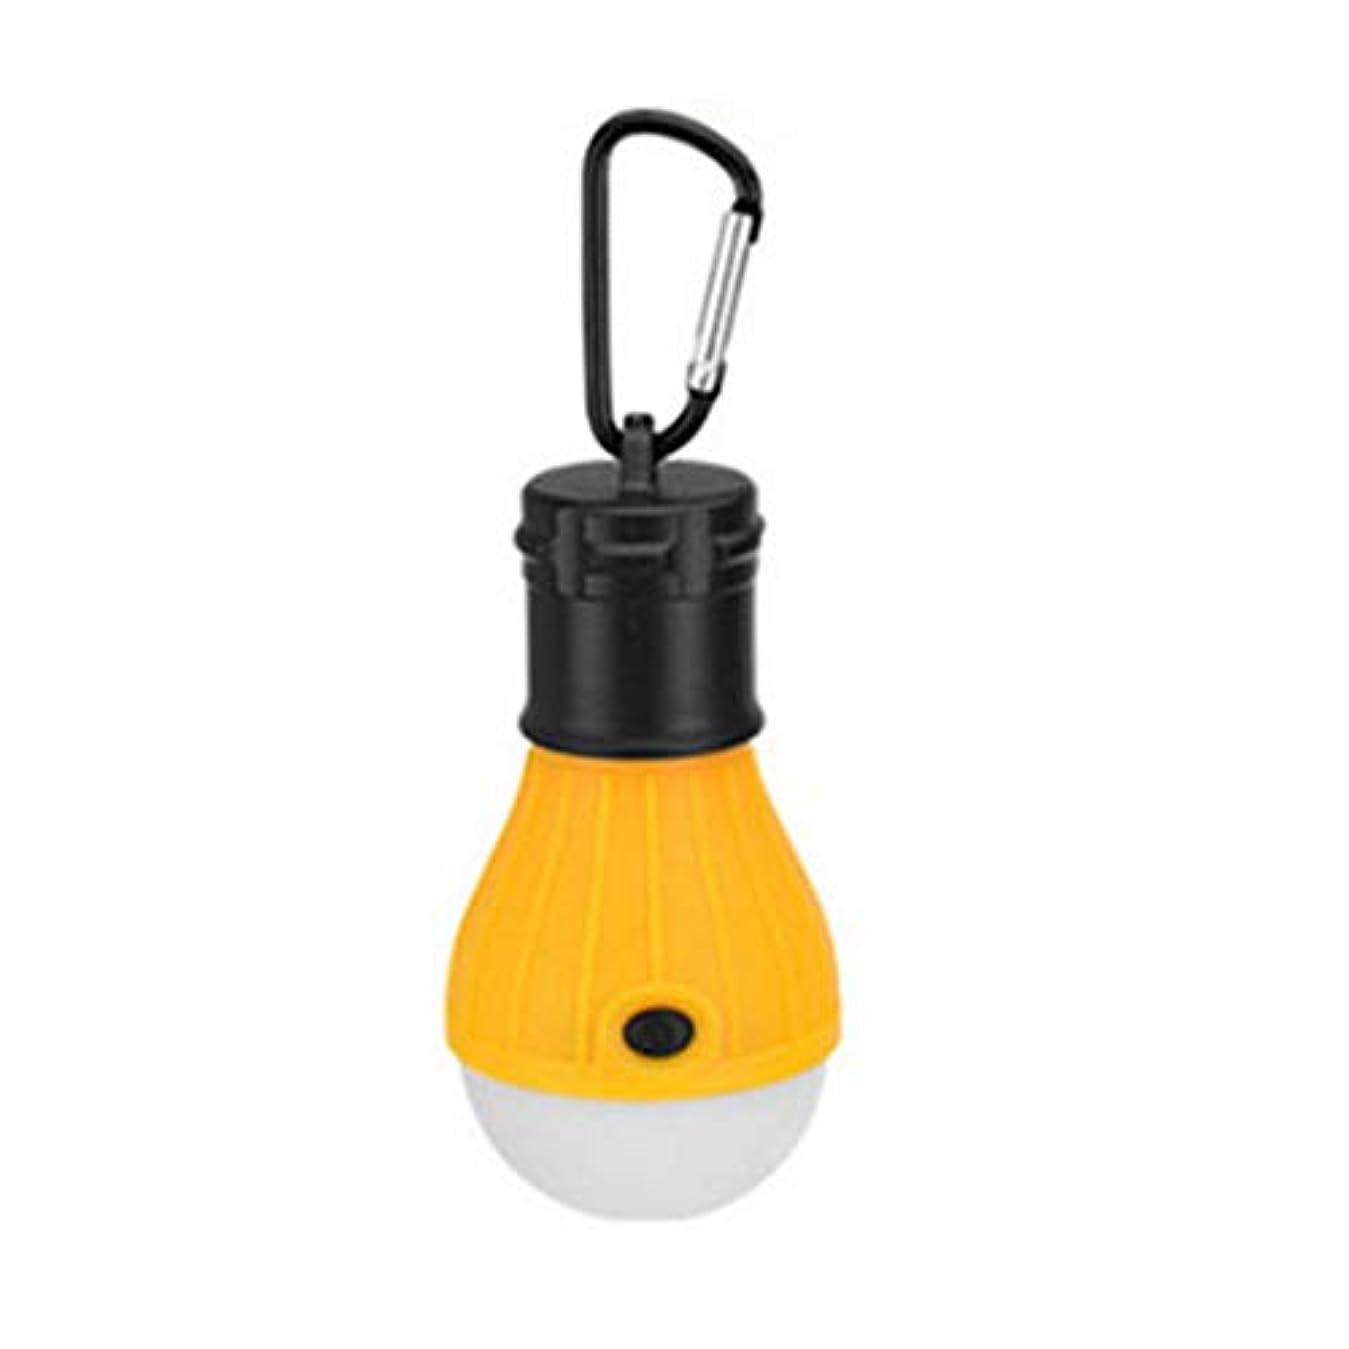 クリスマス直径呪われたLittleliving 釣り提灯 屋外 吊り 電球 釣り テント ライト アウトドア ライト LEDランタン キャンプライト テントライト 懐中電灯